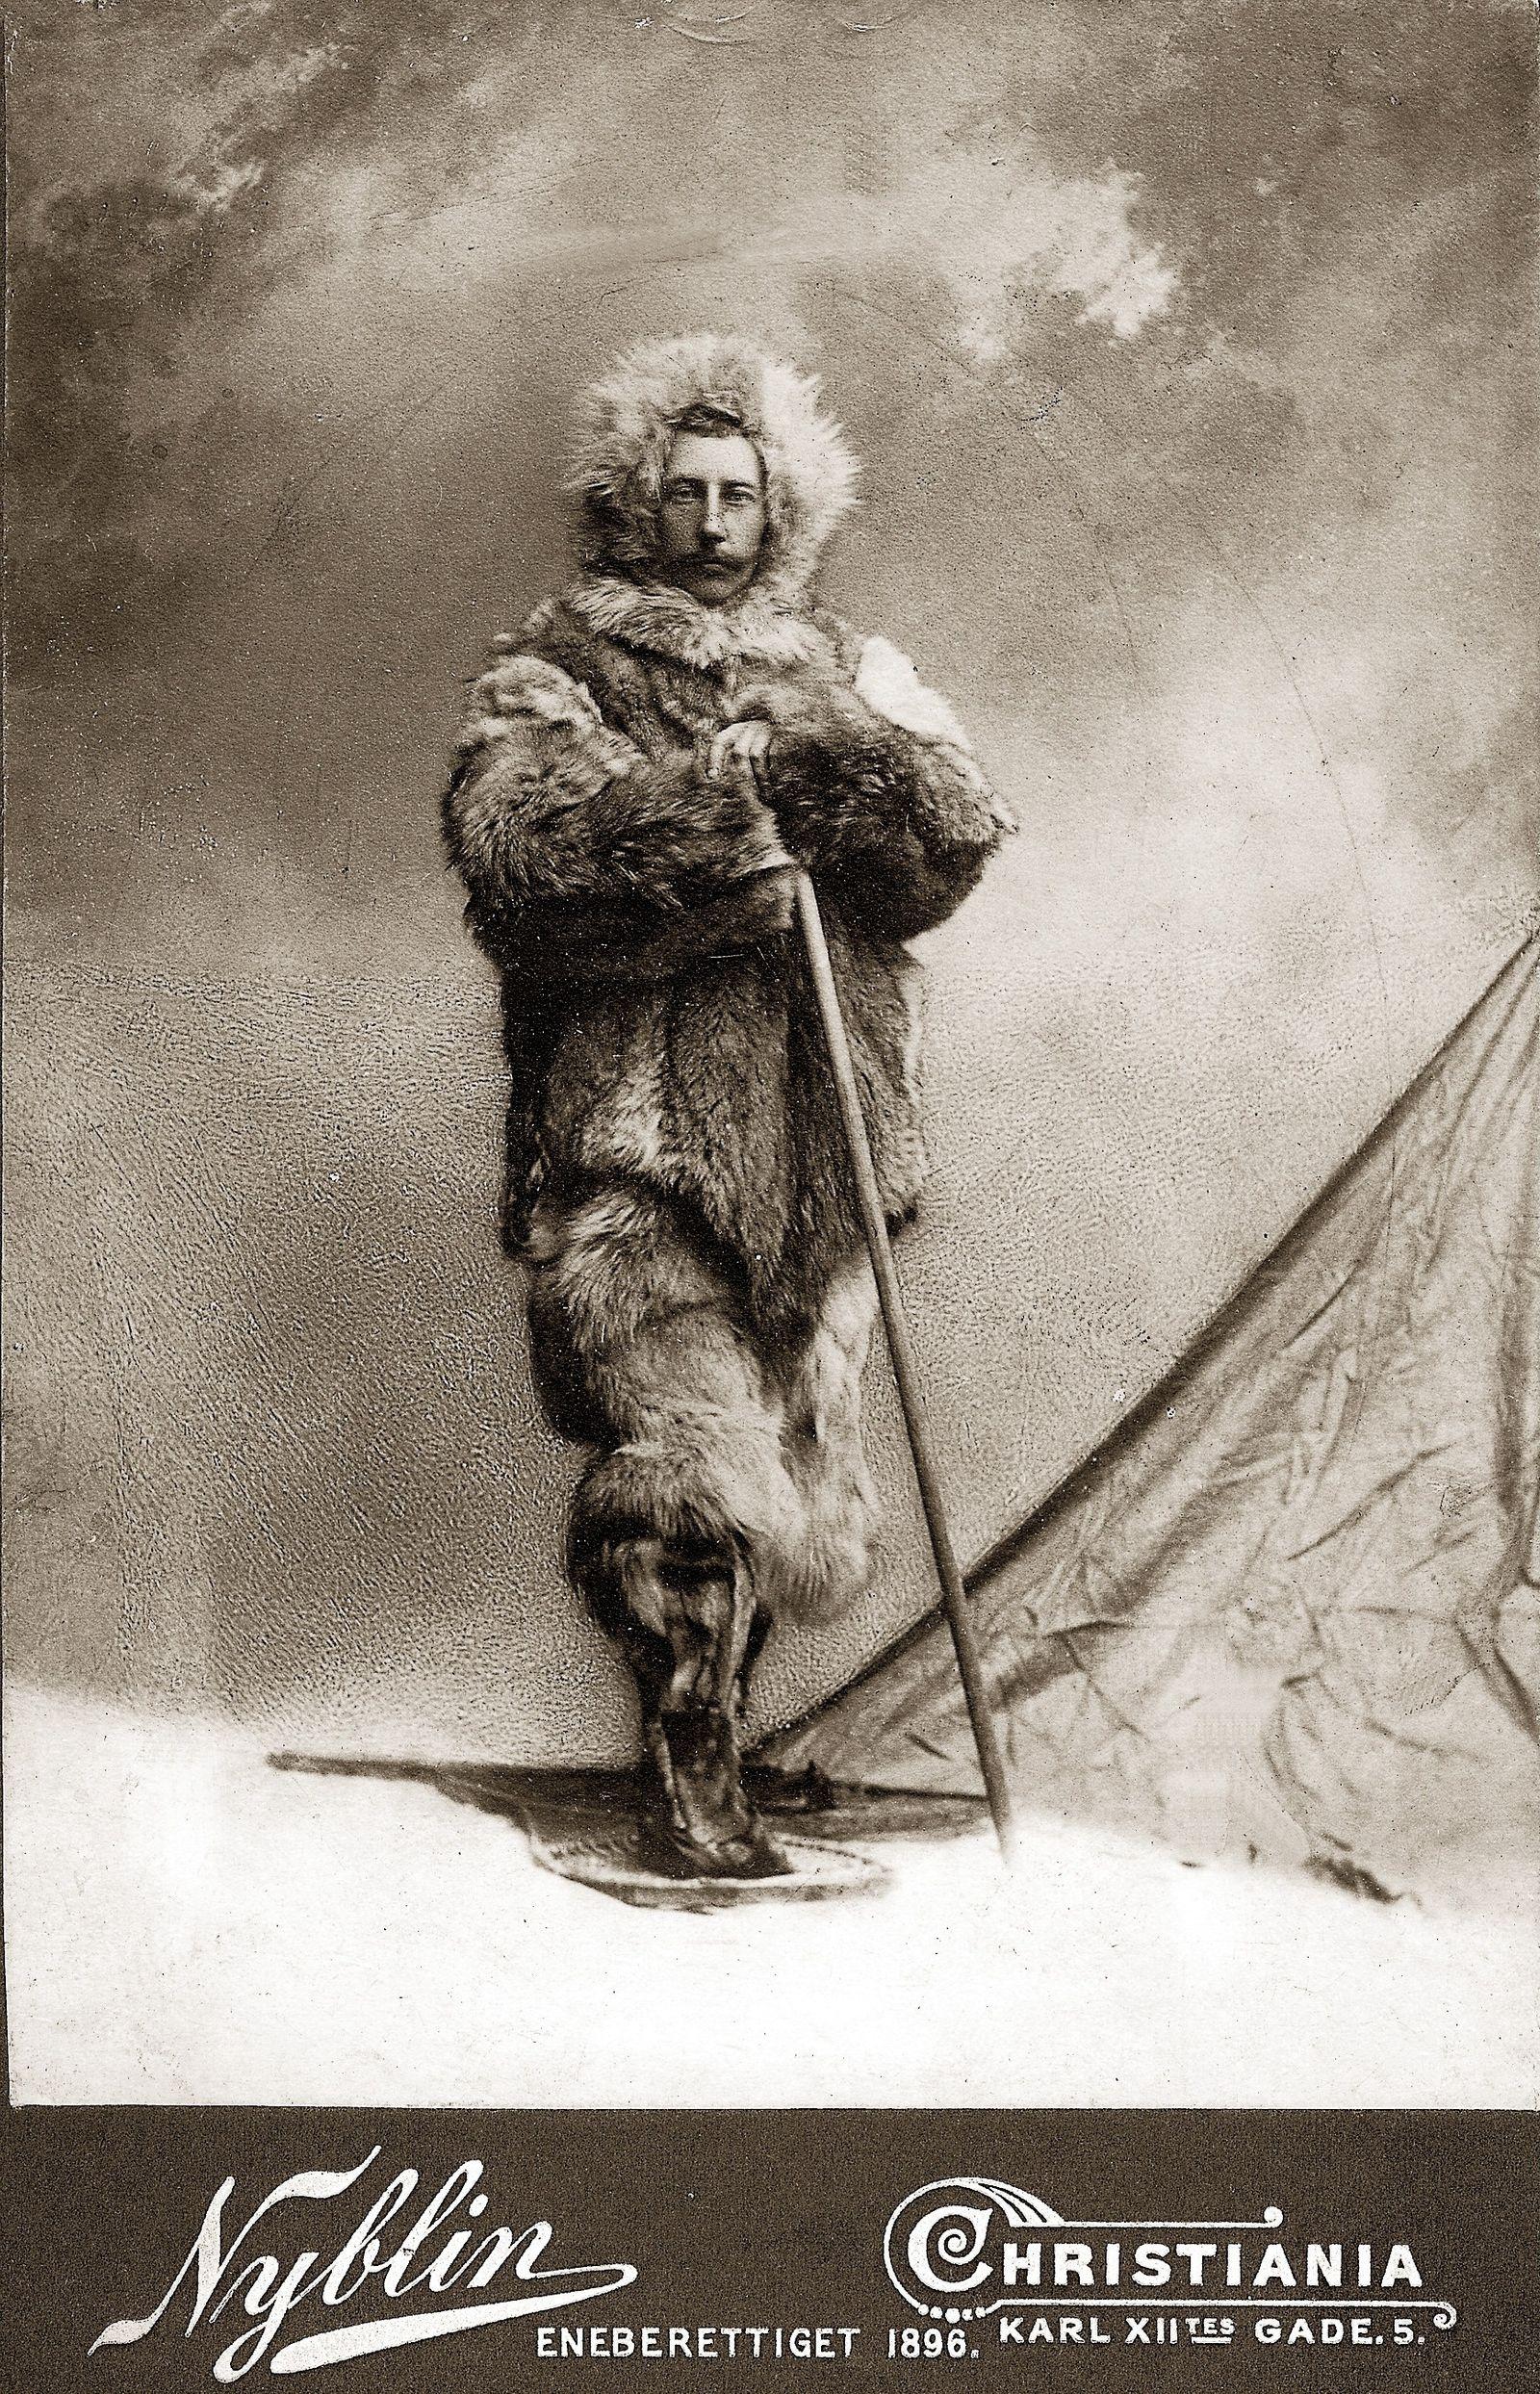 Roald Amundsen, 1906